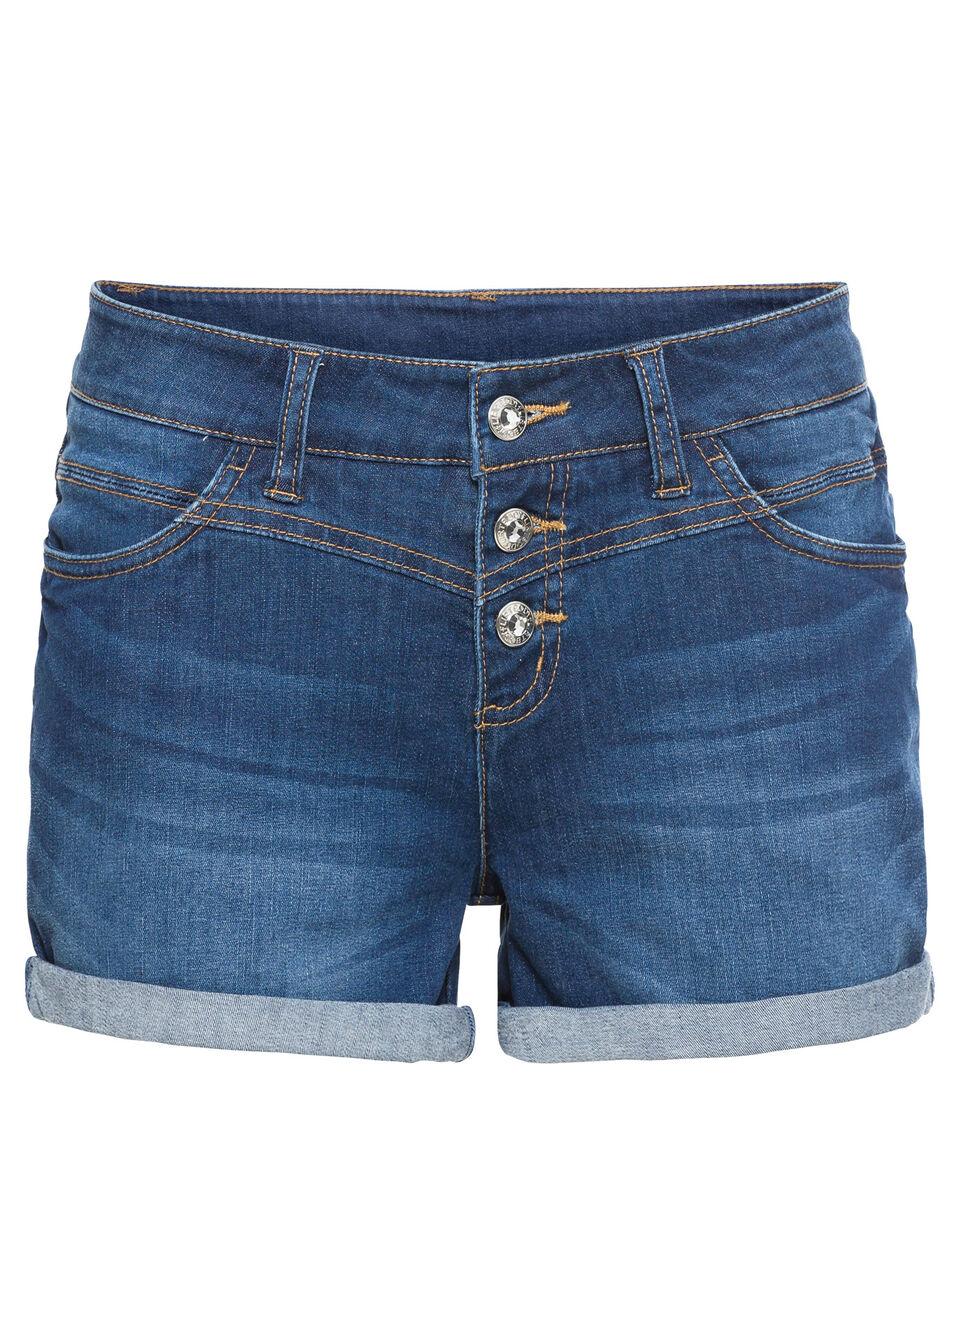 Купить Джинсы, Шорты джинсовые, bonprix, синий «потертый»